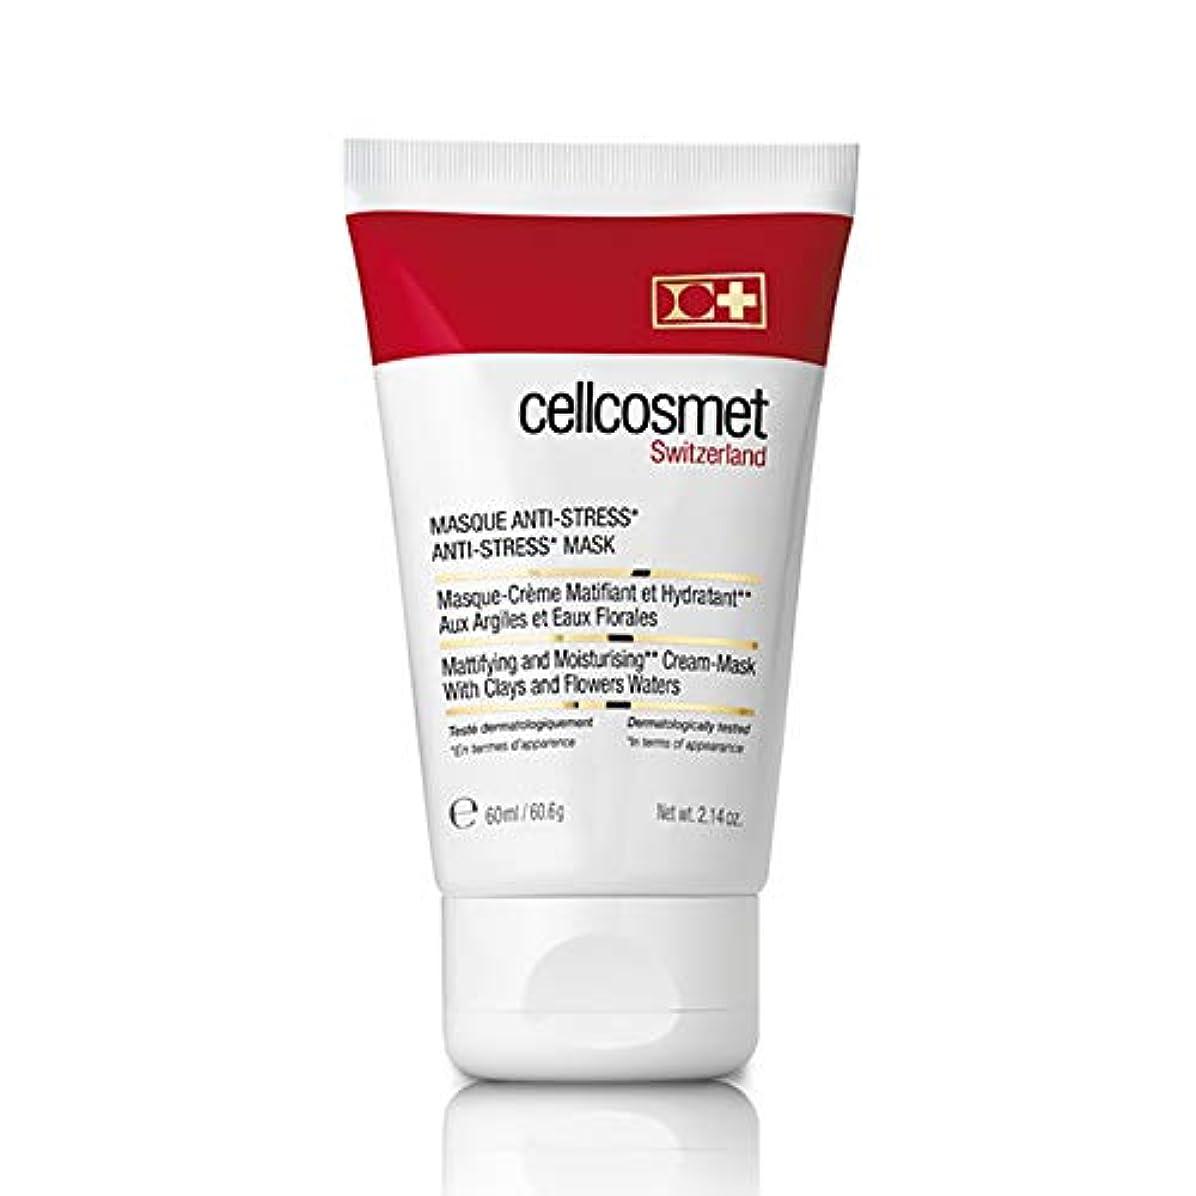 水没封建低いセルコスメ & セルメン Cellcosmet Anti-Stress Mask - Ideal For Stressed, Sensitive or Reactive Skin 60ml/2.14oz並行輸入品